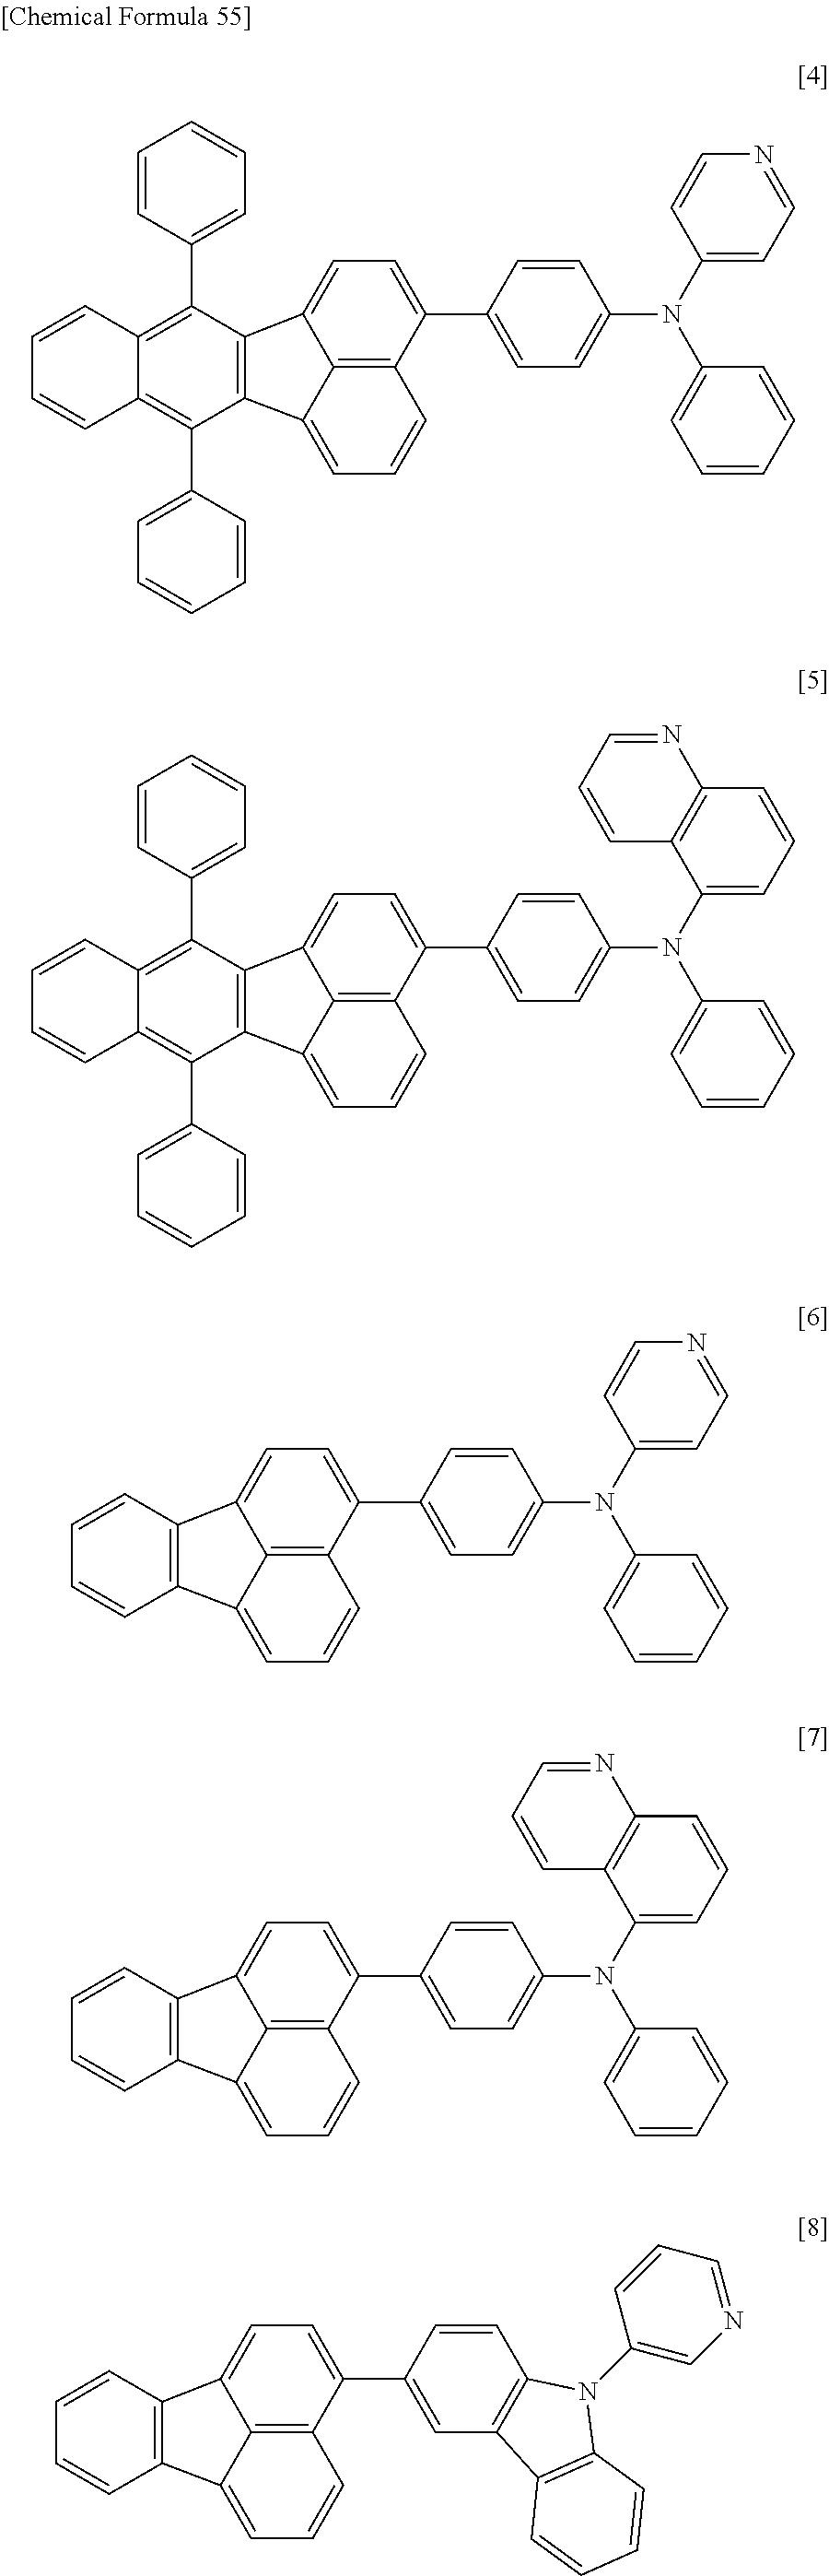 Figure US20150280139A1-20151001-C00139